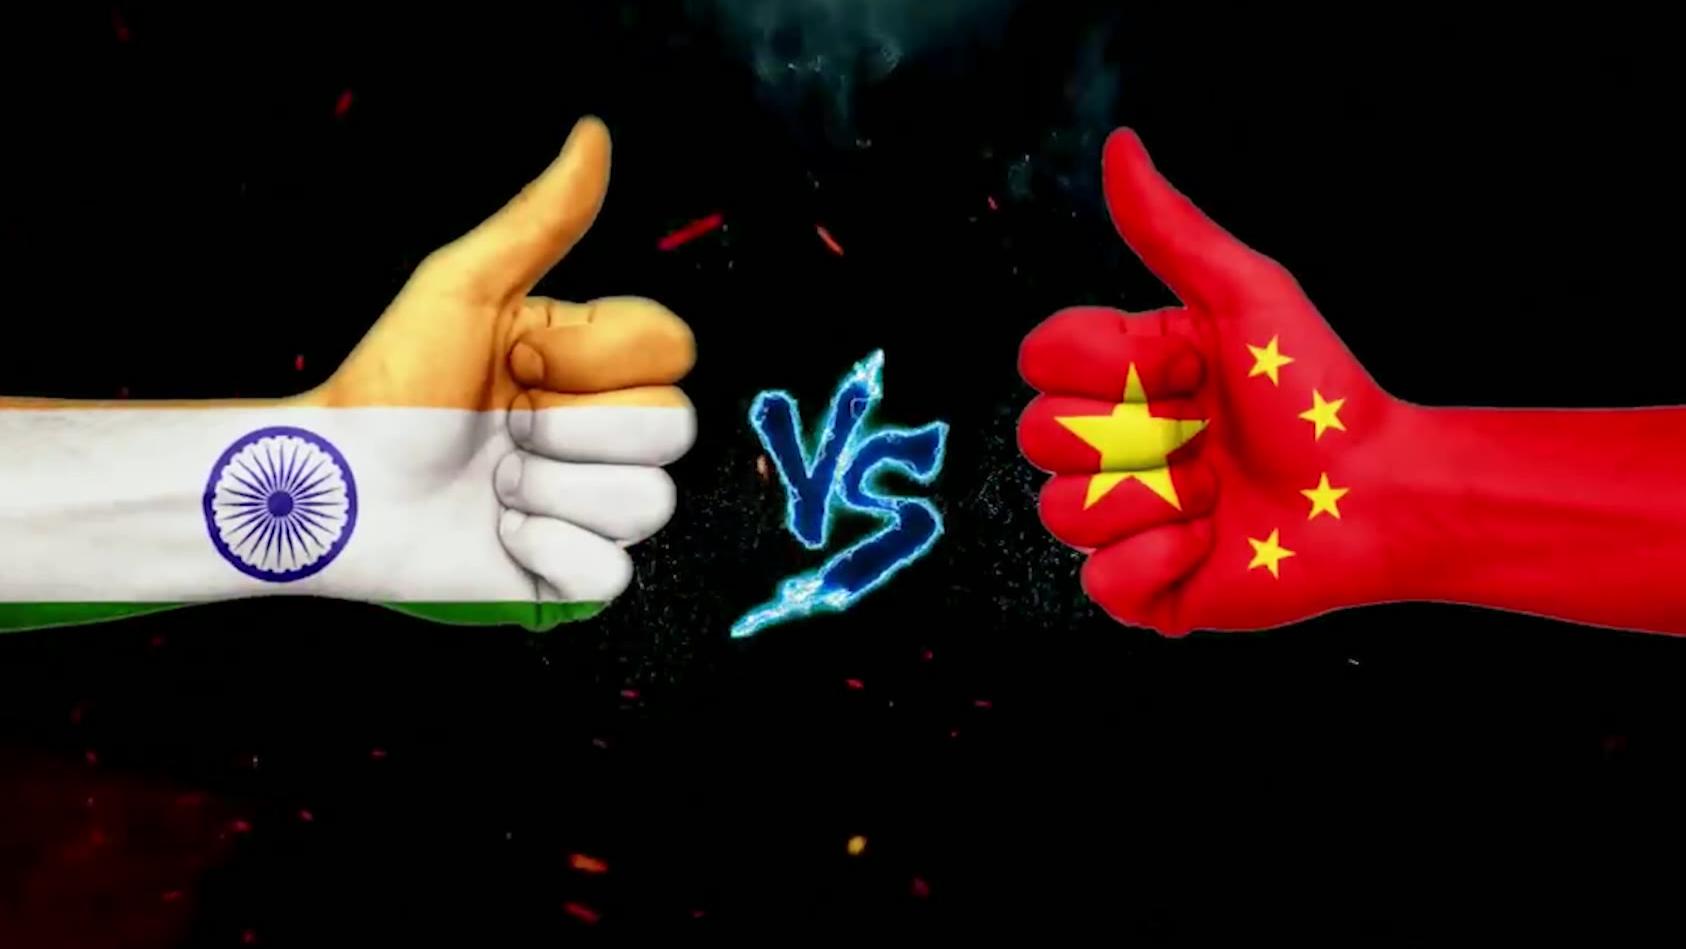 歪果仁制作2020中印军力比较 外国网友:印度炮兵是世界第二炮兵!